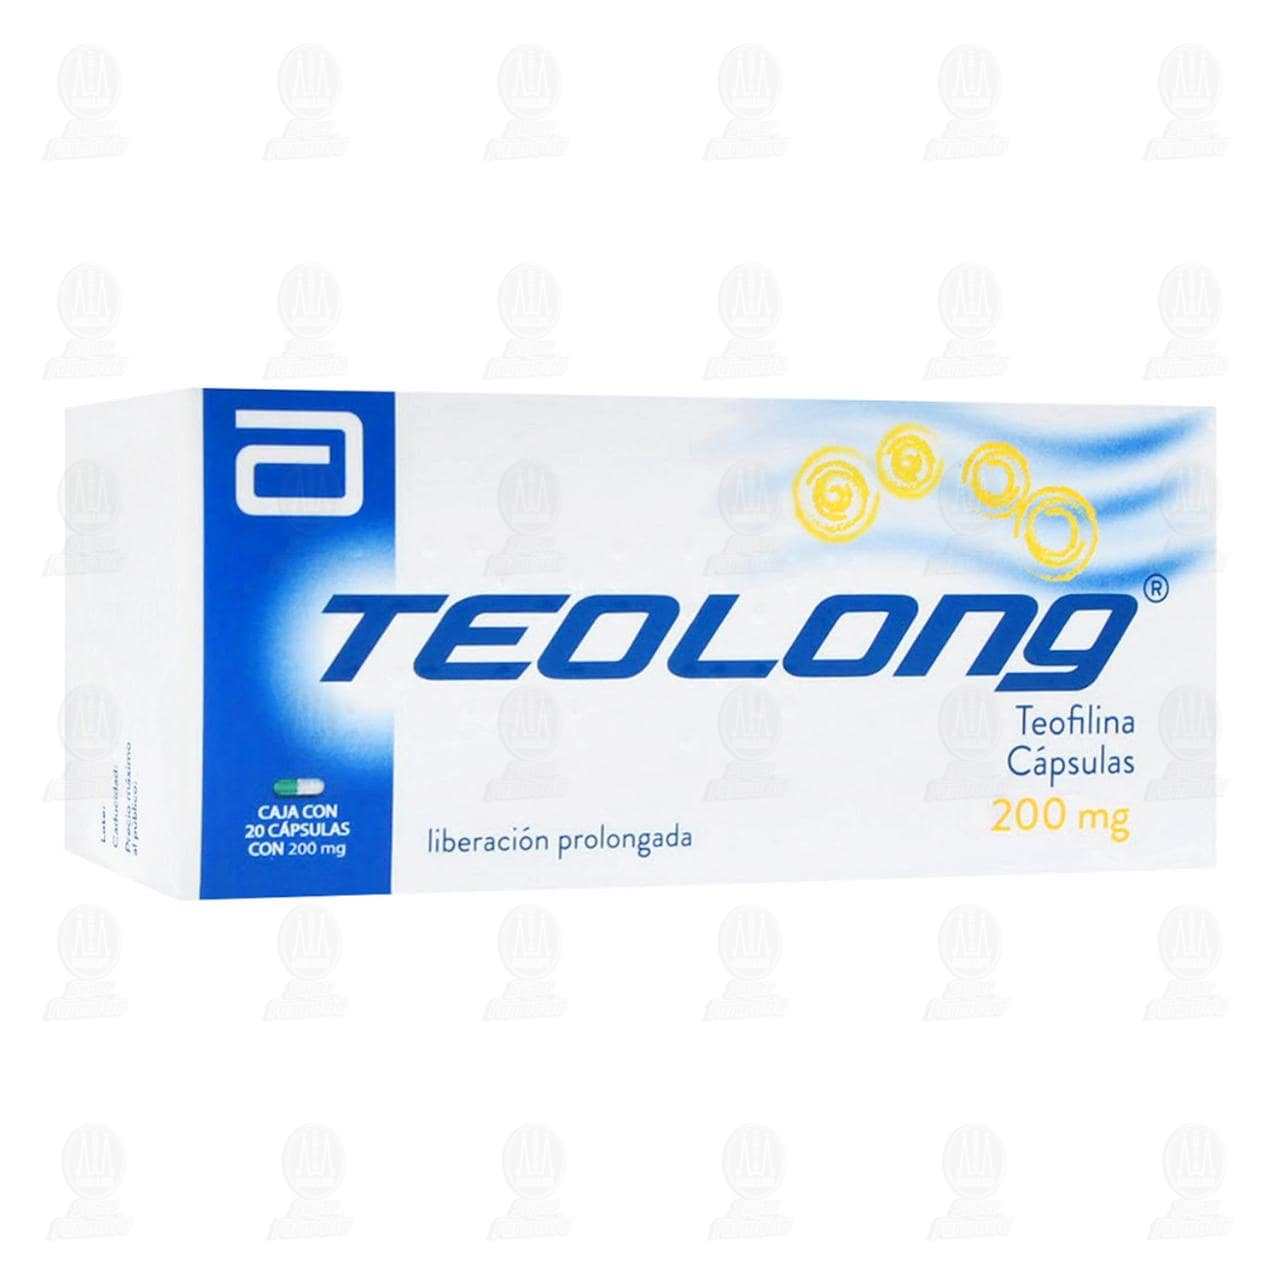 comprar https://www.movil.farmaciasguadalajara.com/wcsstore/FGCAS/wcs/products/114251_A_1280_AL.jpg en farmacias guadalajara